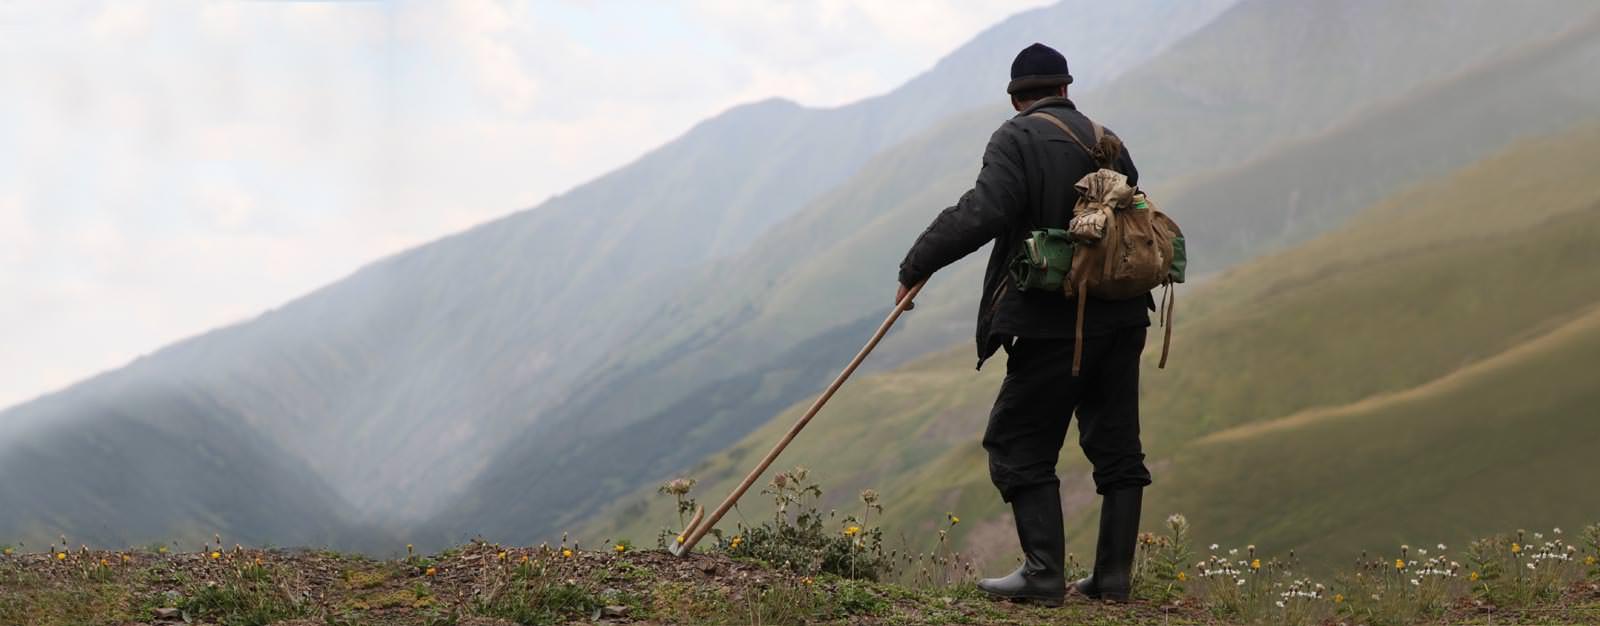 גאורגיה - רועה צאן בקווקז הגבוה